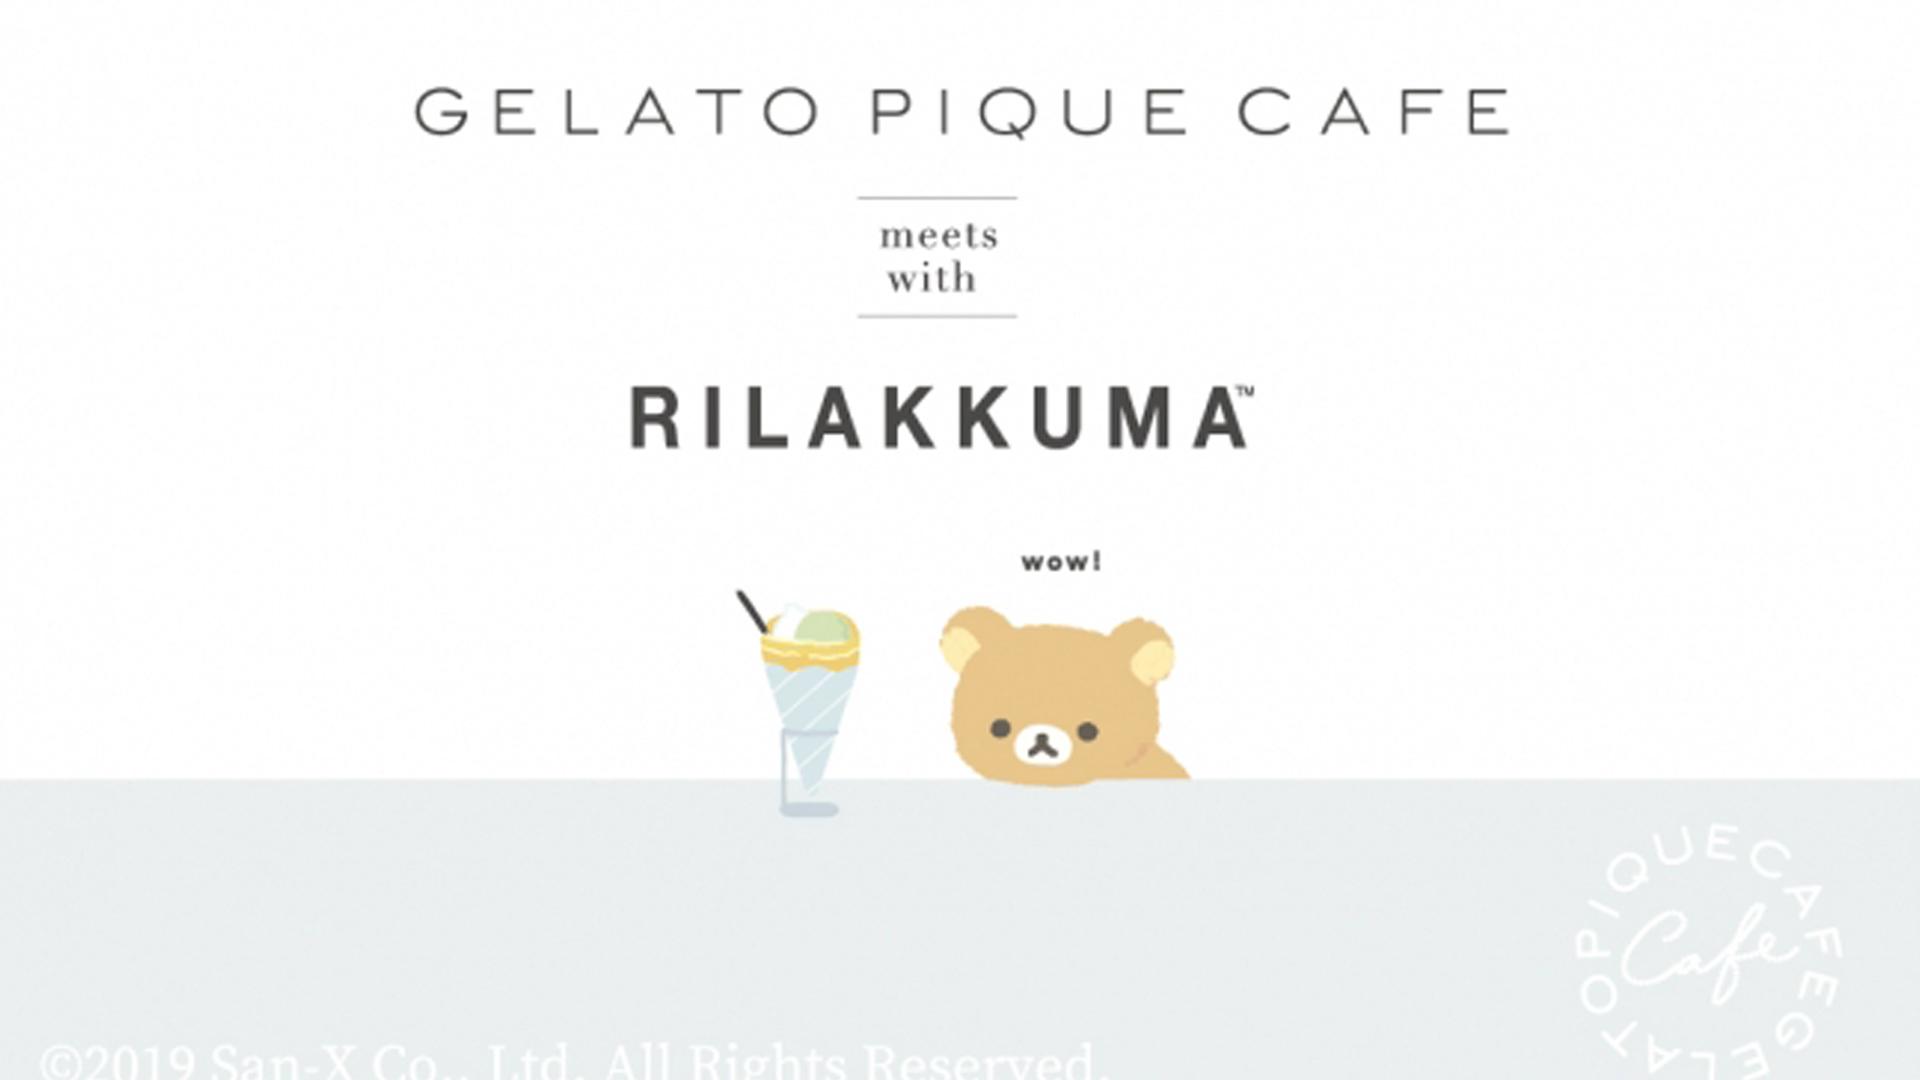 【ジェラート ピケ カフェとリラックマがコラボ】他、新着トレンド3月7日